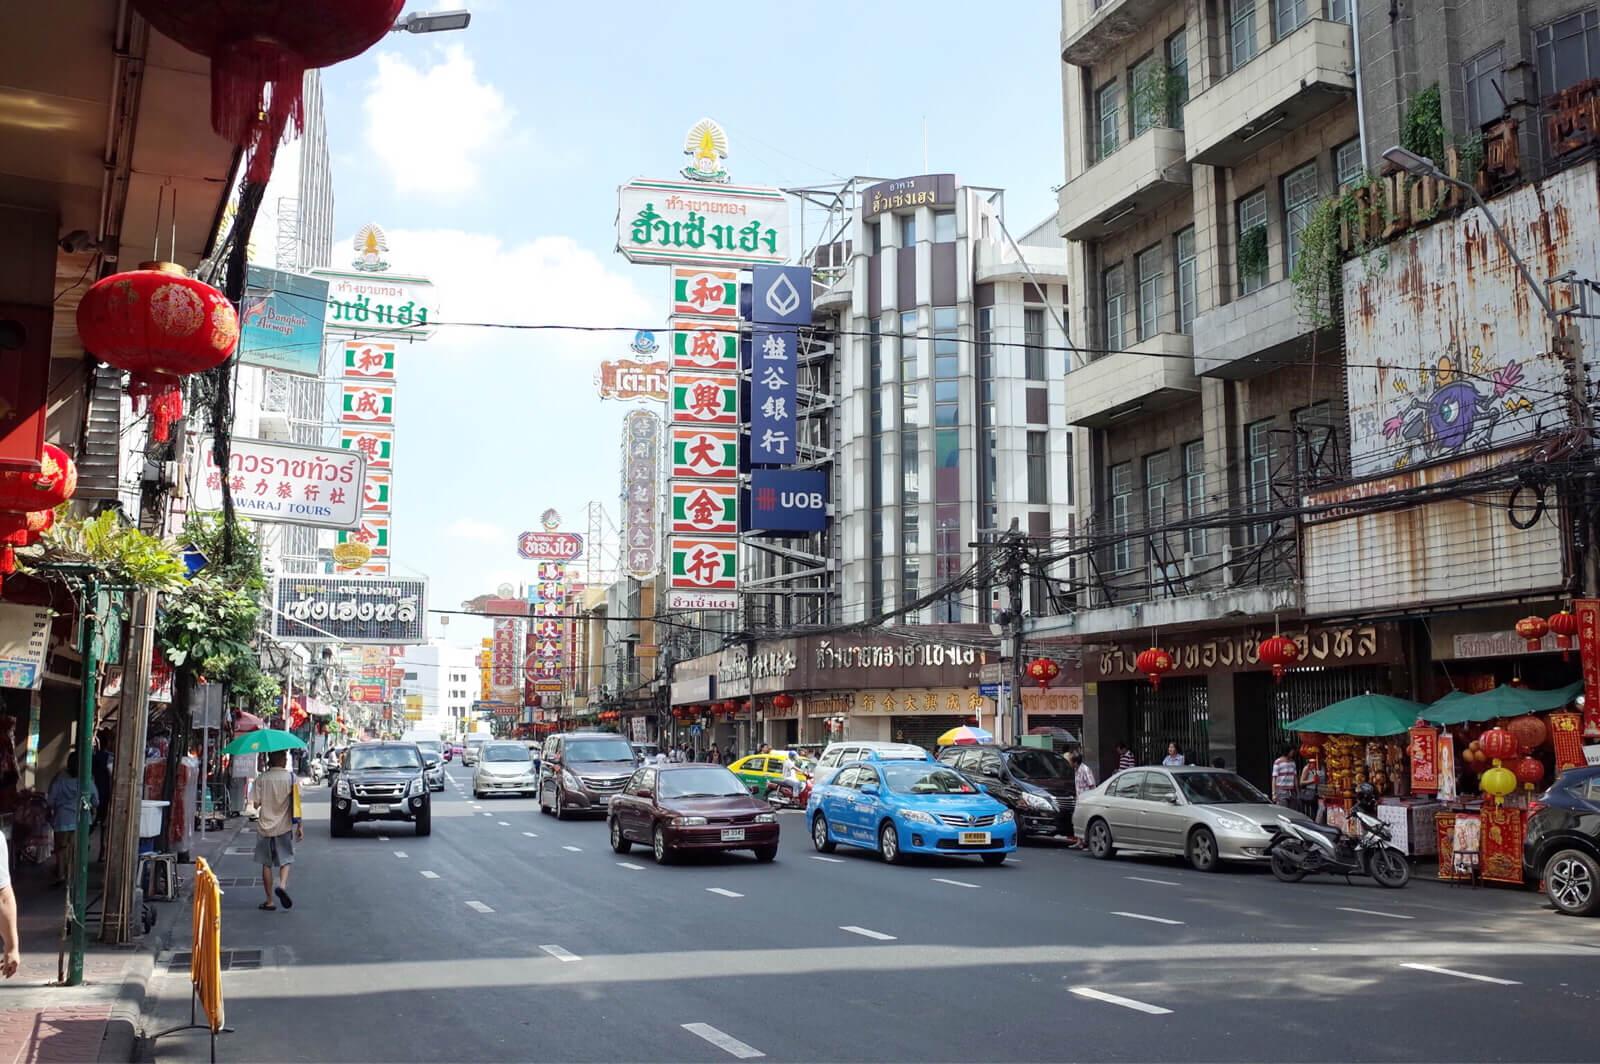 バンコク中華街で話しかけてきた怪しいおじさん。カルチャーセンターならお土産安いよ!って言うけど…